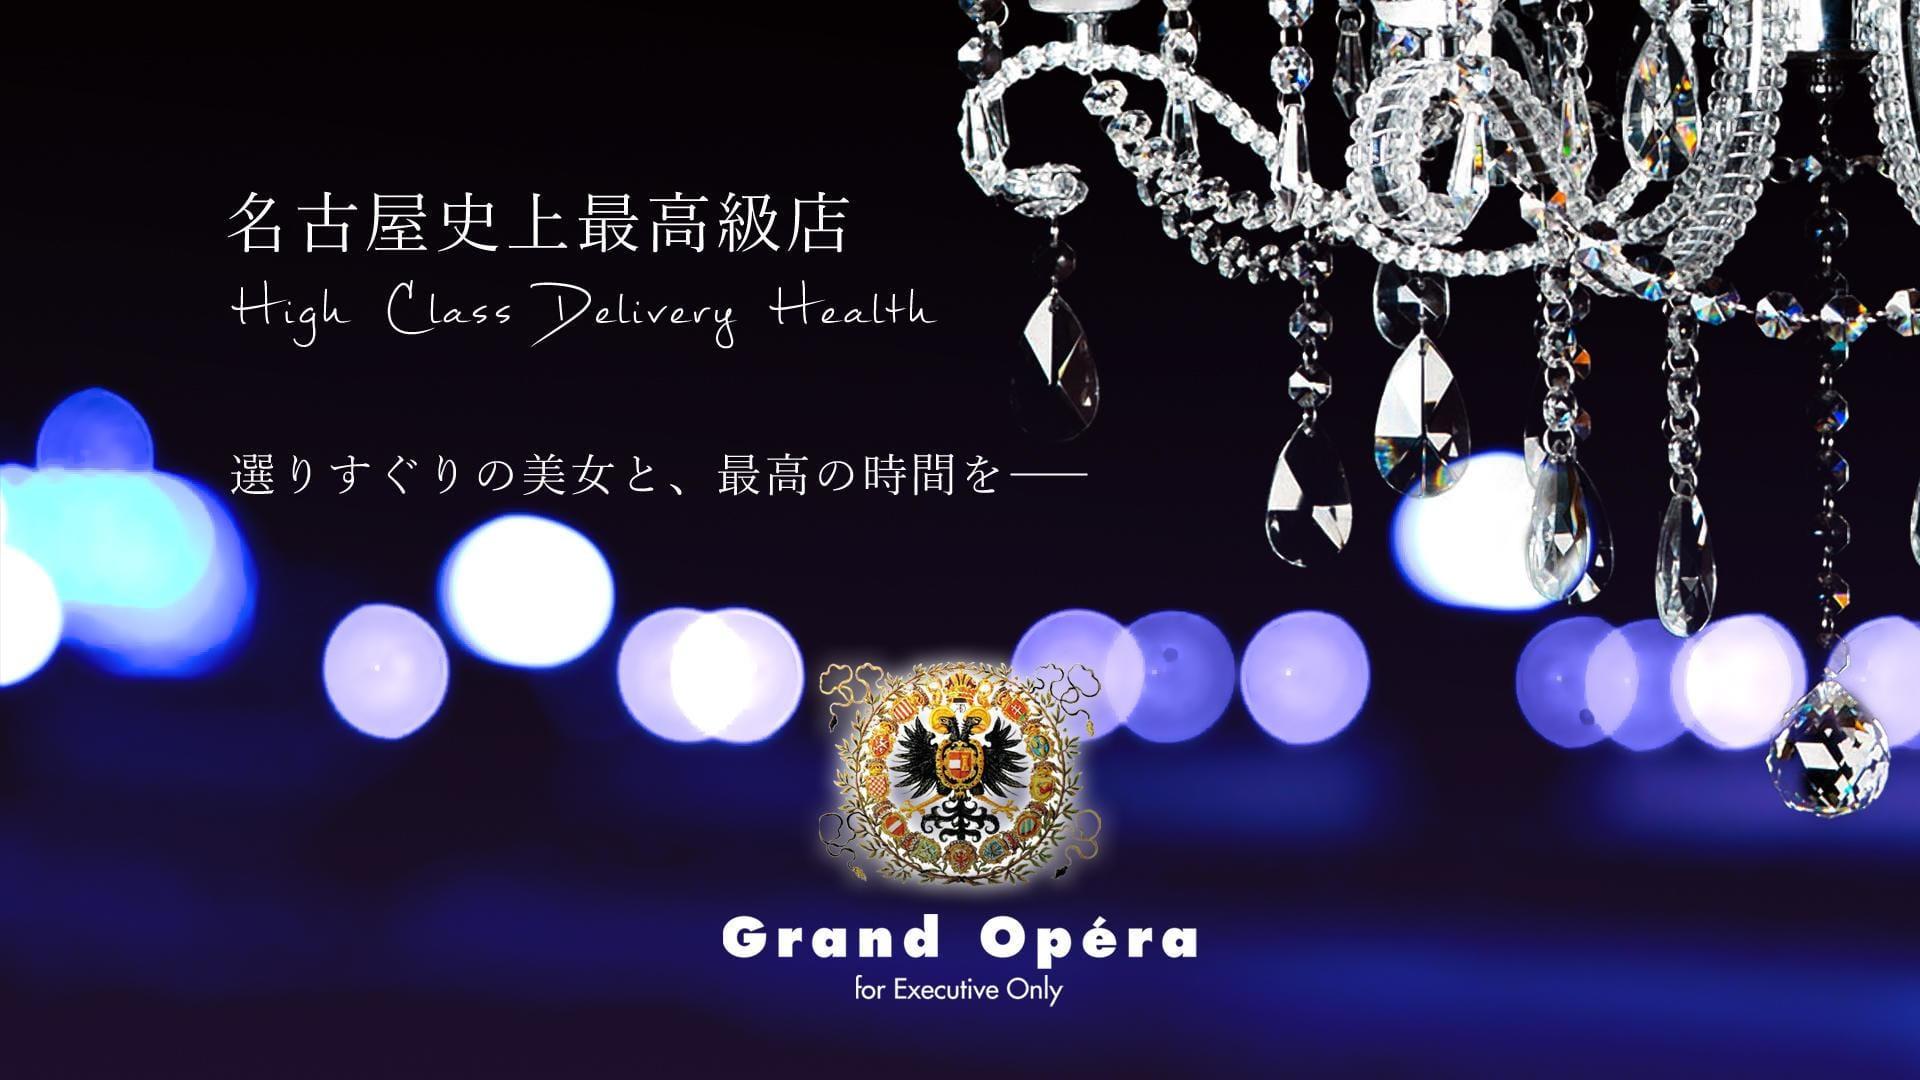 グランドオペラ